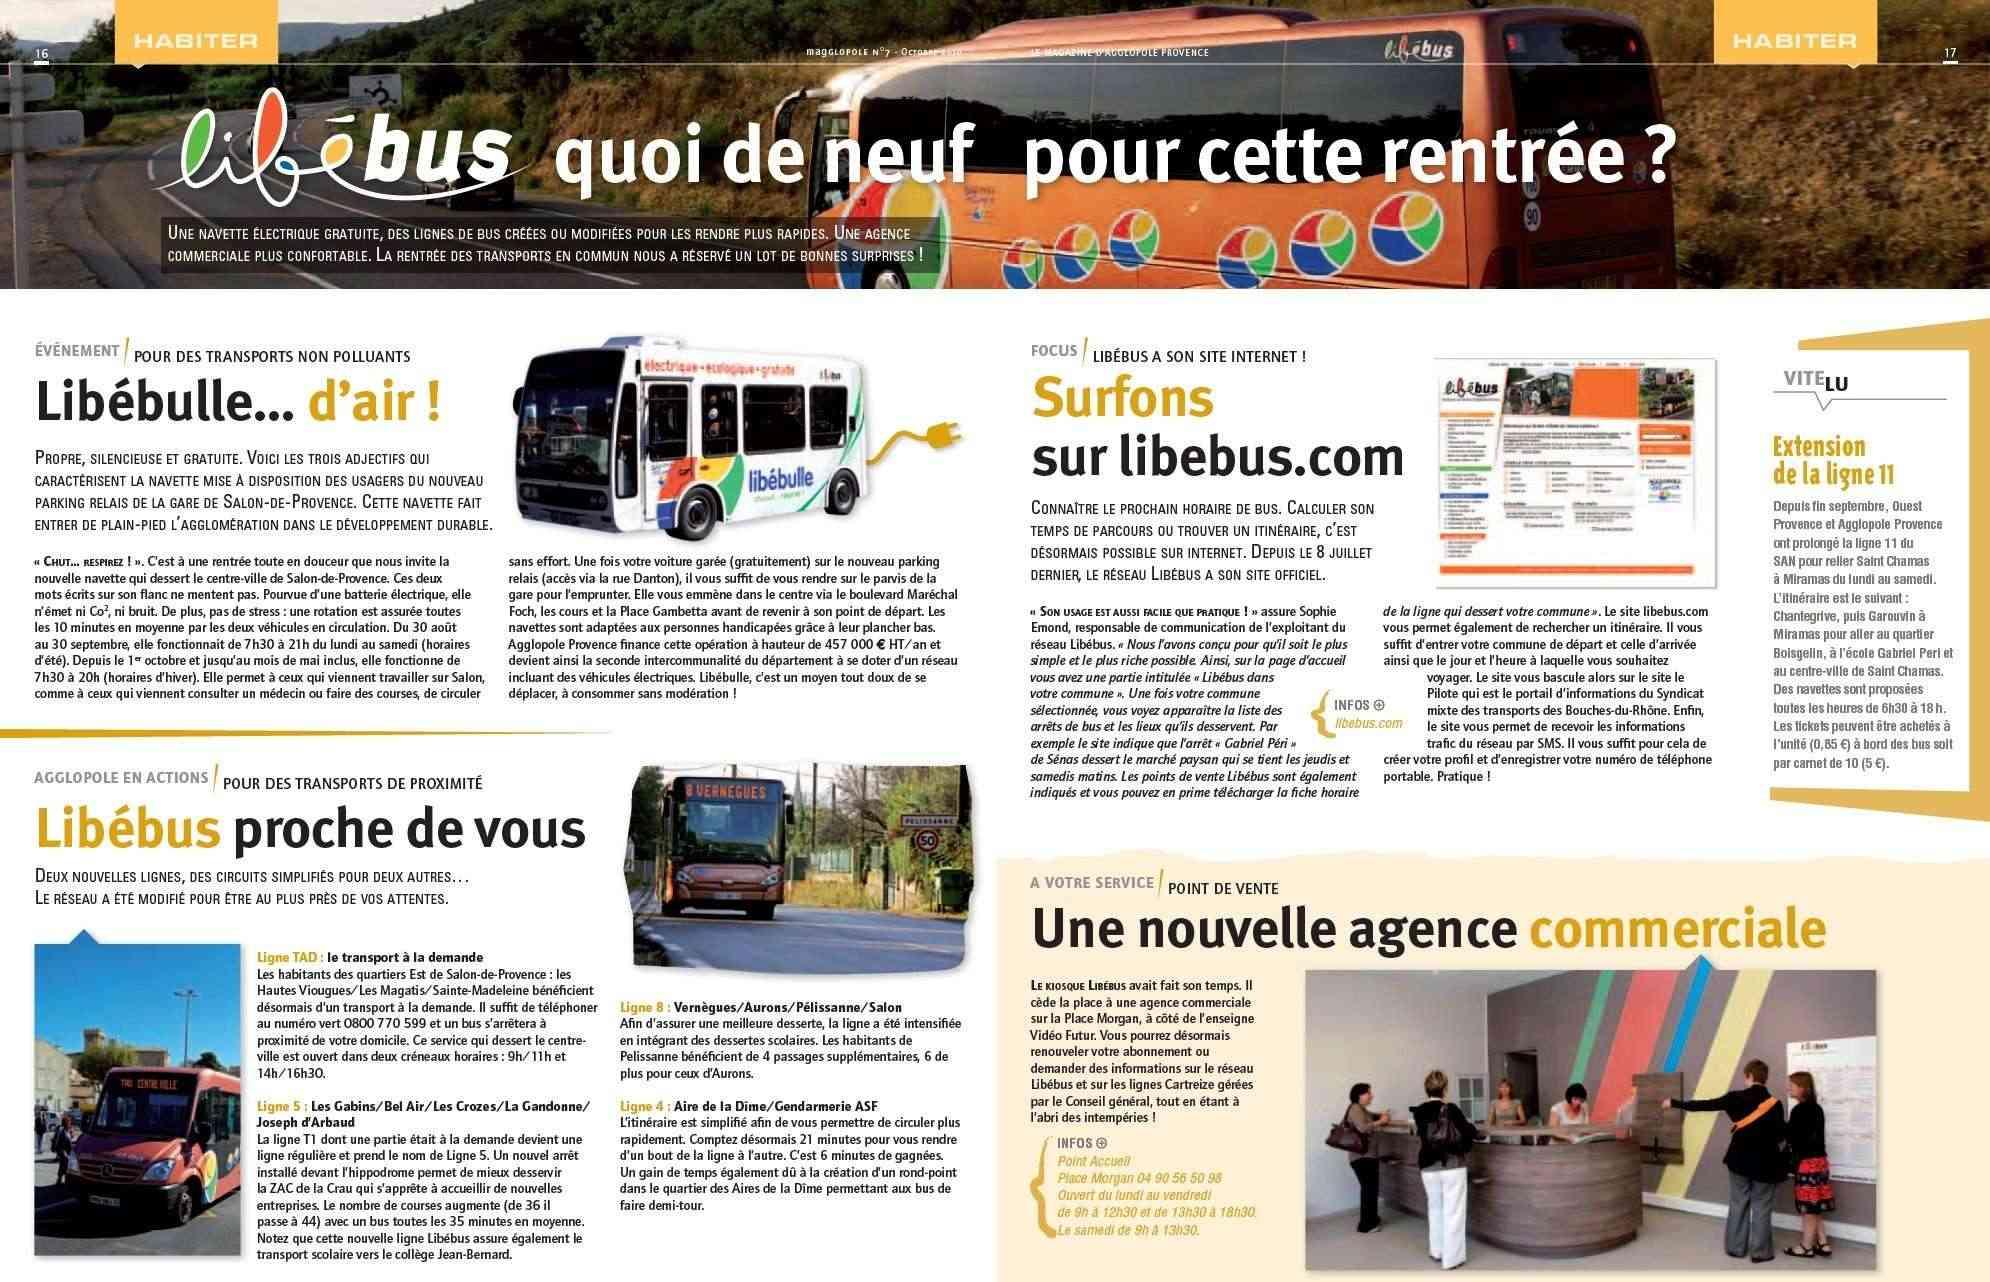 R seau lib bus salon de provence 13 - Horaires bus salon de provence ...